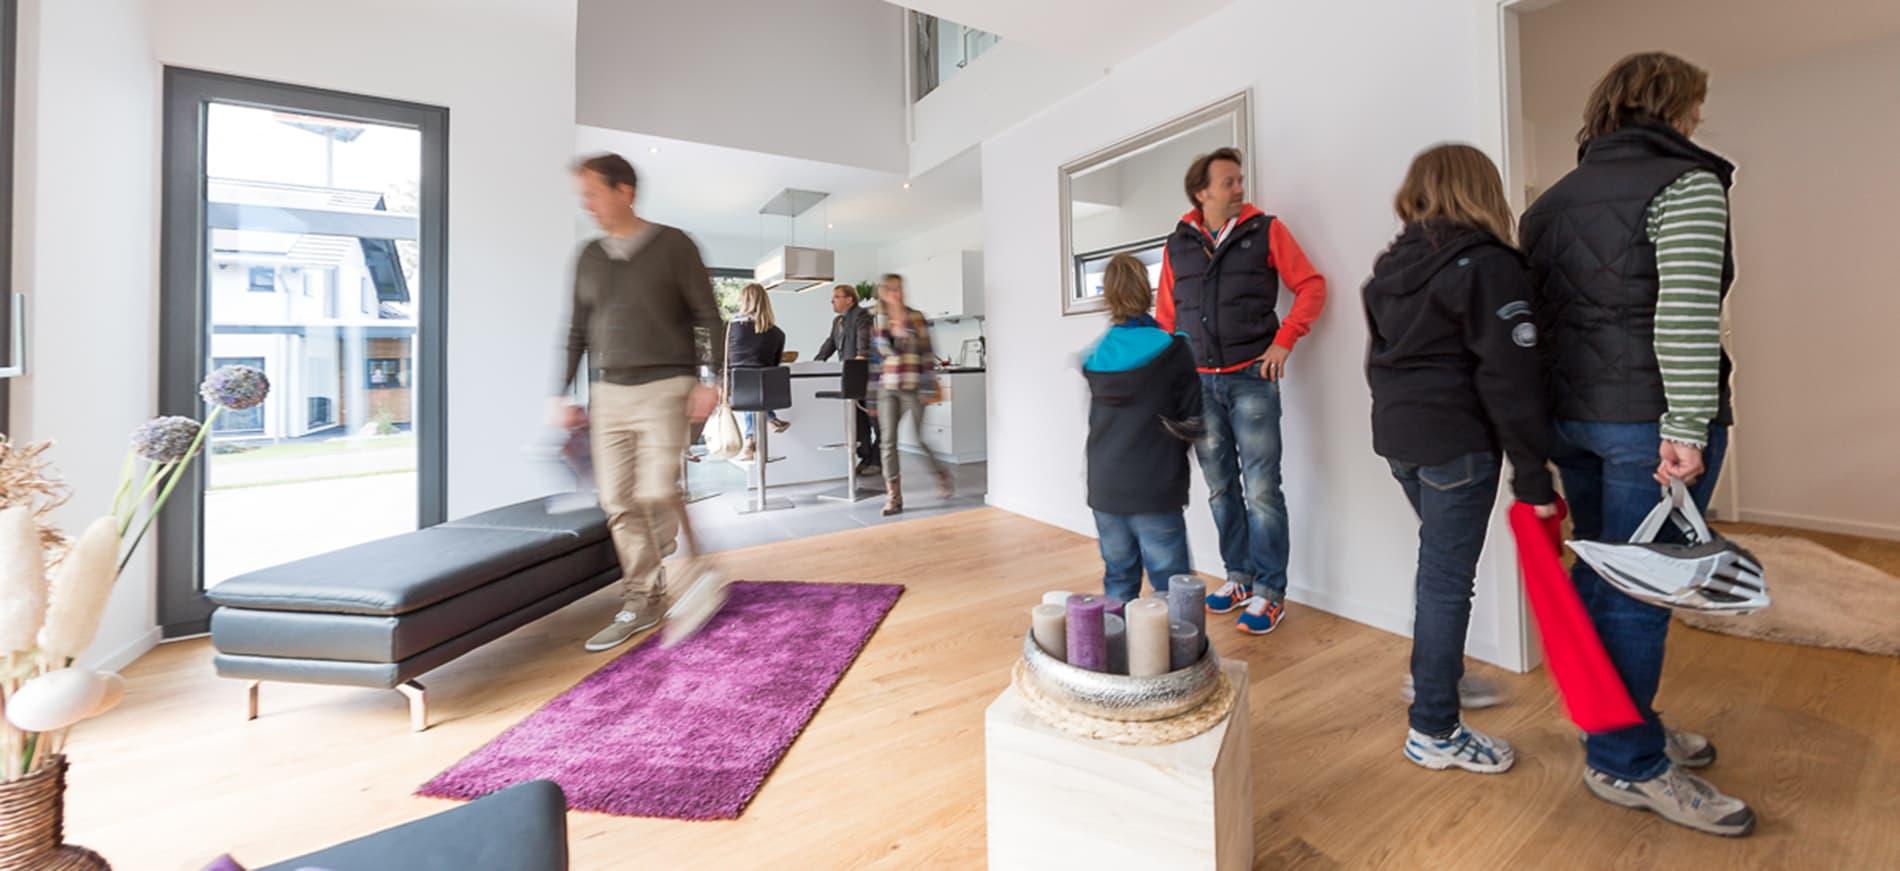 Musterhausausstellung unger park leipzig for Hausformen in deutschland